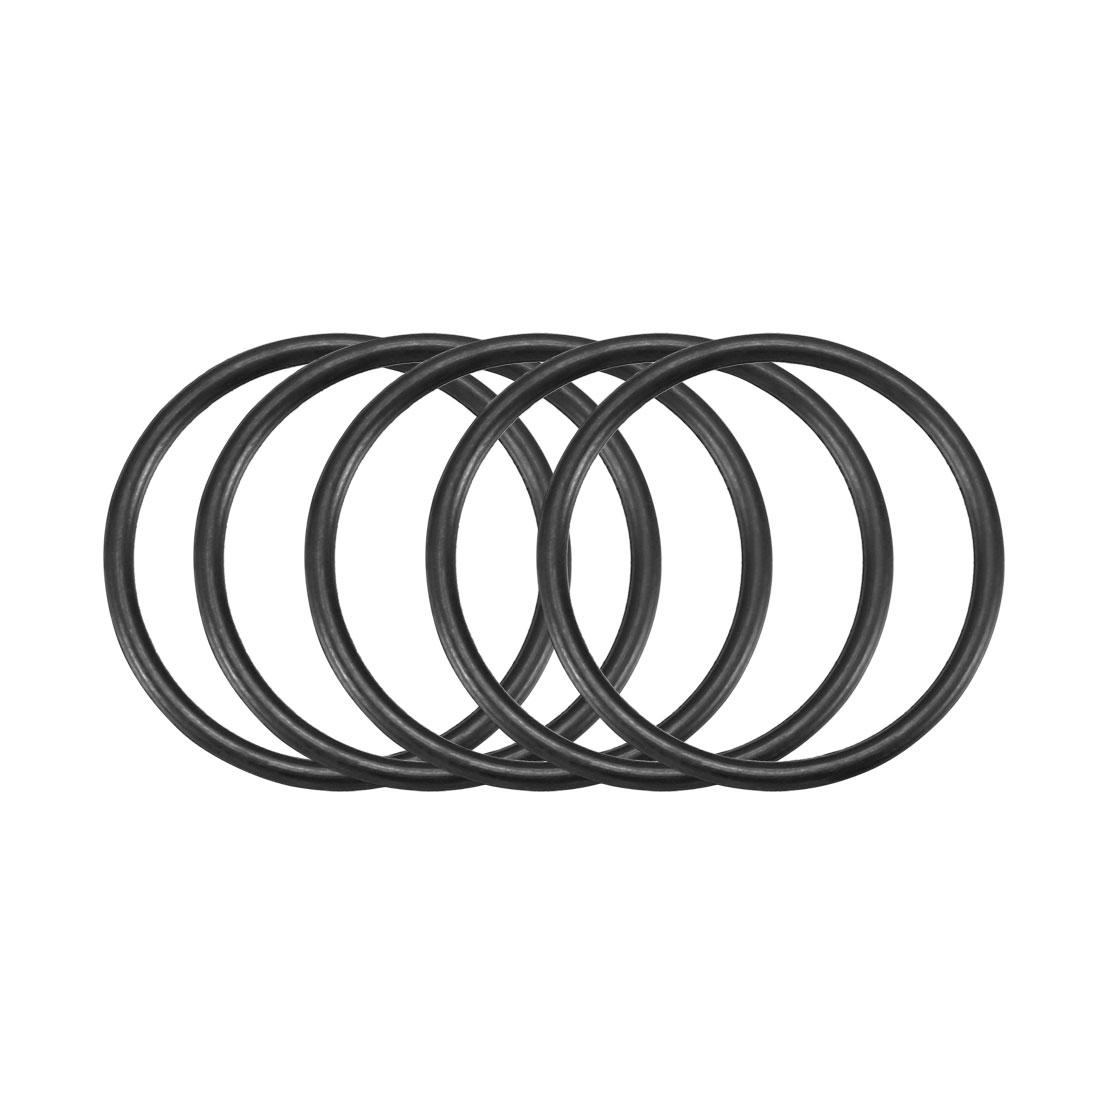 30pcs Black Nitrile Butadiene Rubber NBR O-Ring 20mm Inner Dia 1.5mm Width